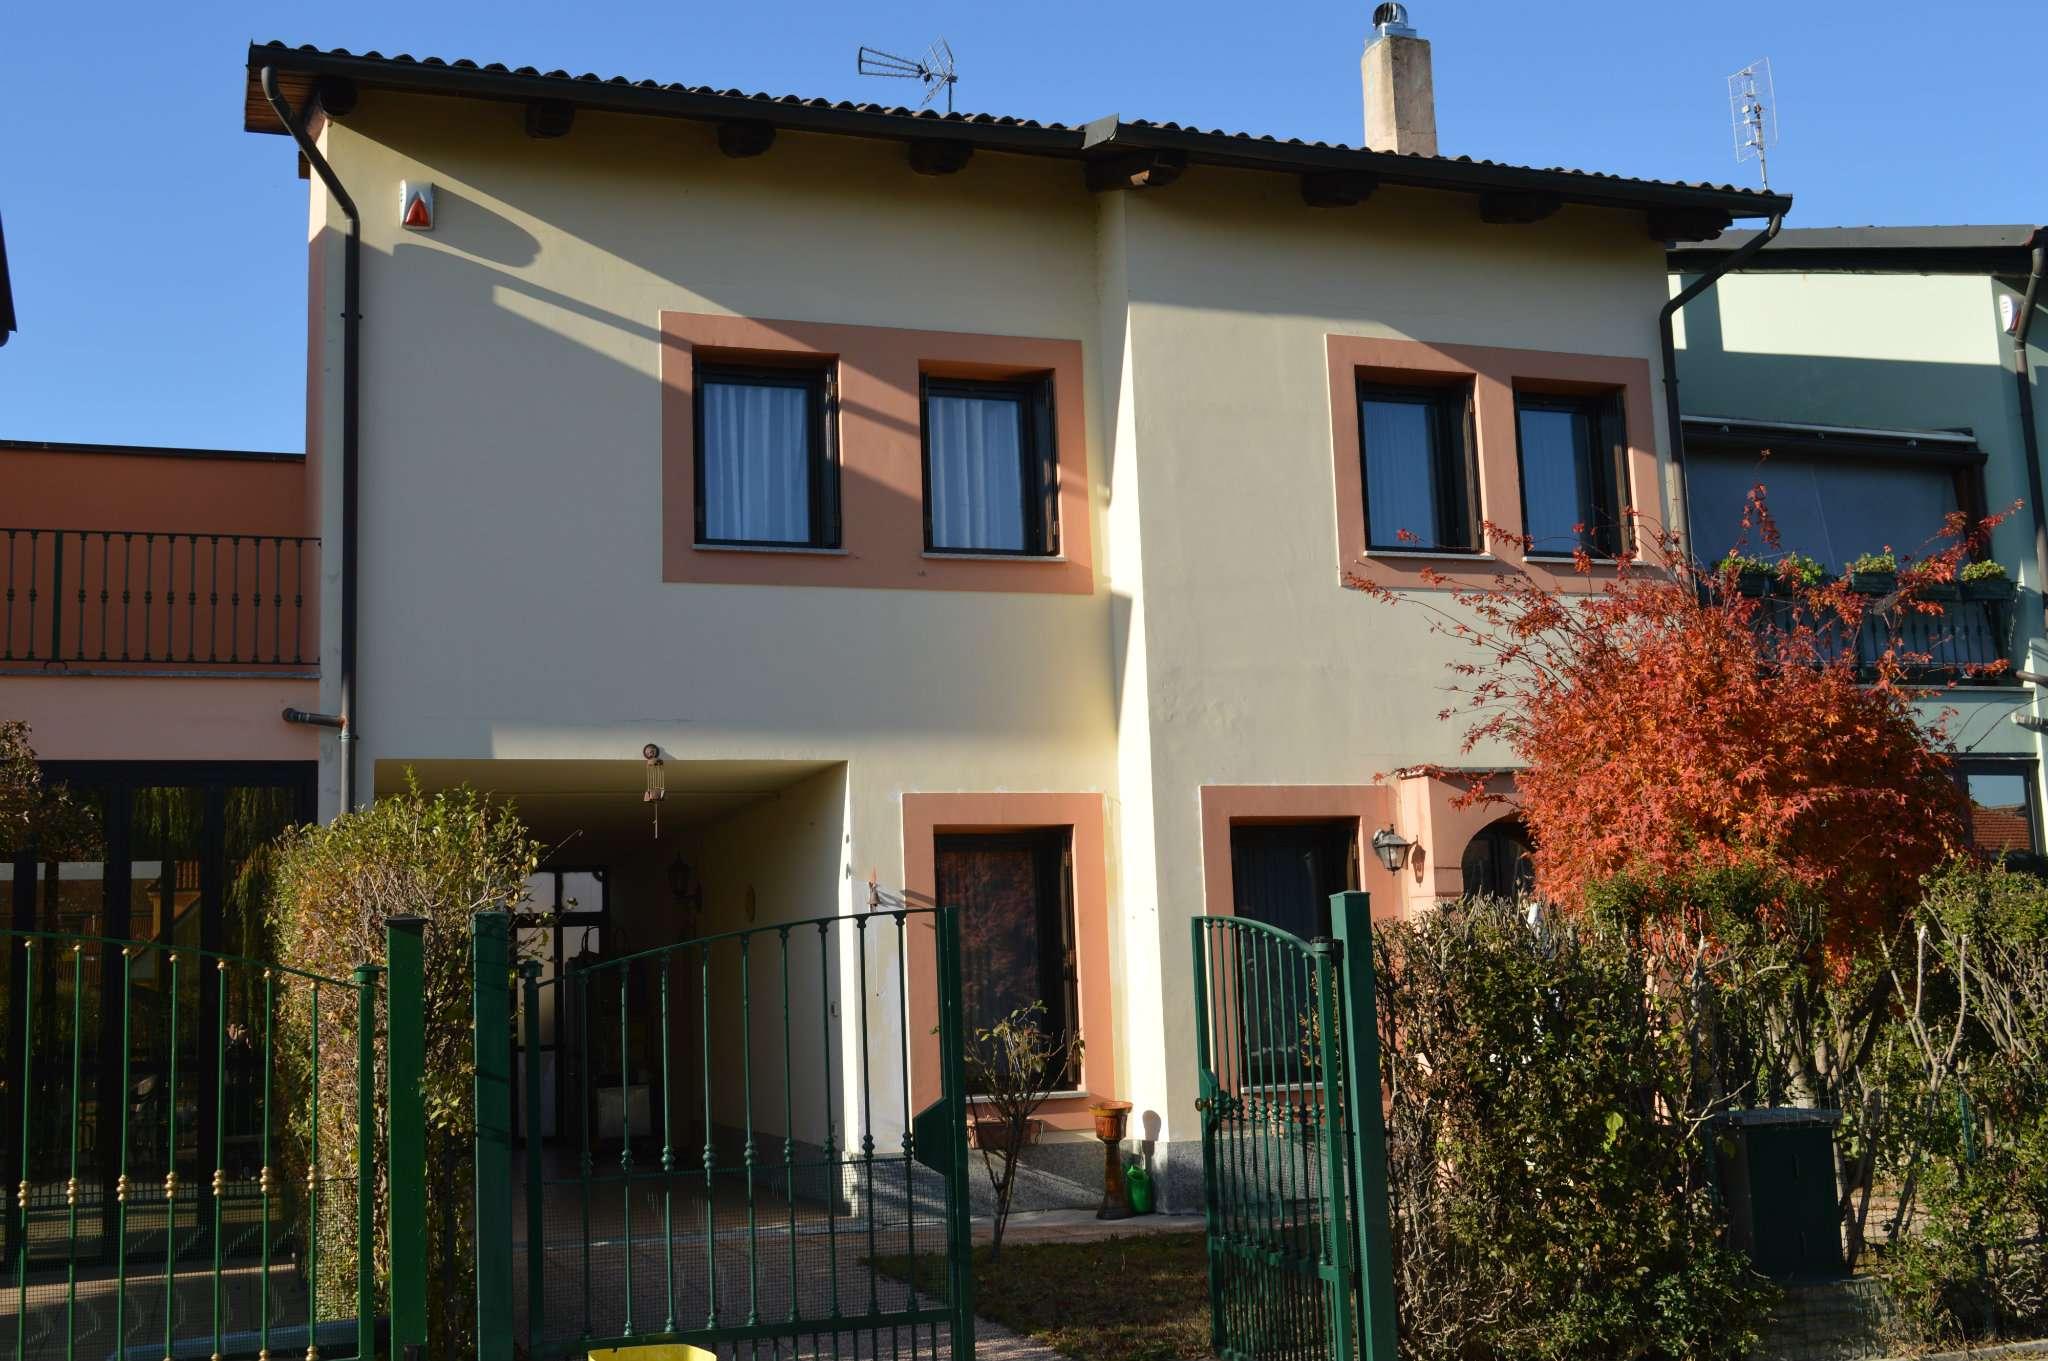 Foto 1 di Villa a Schiera via PERTINI 14, Caselle Torinese